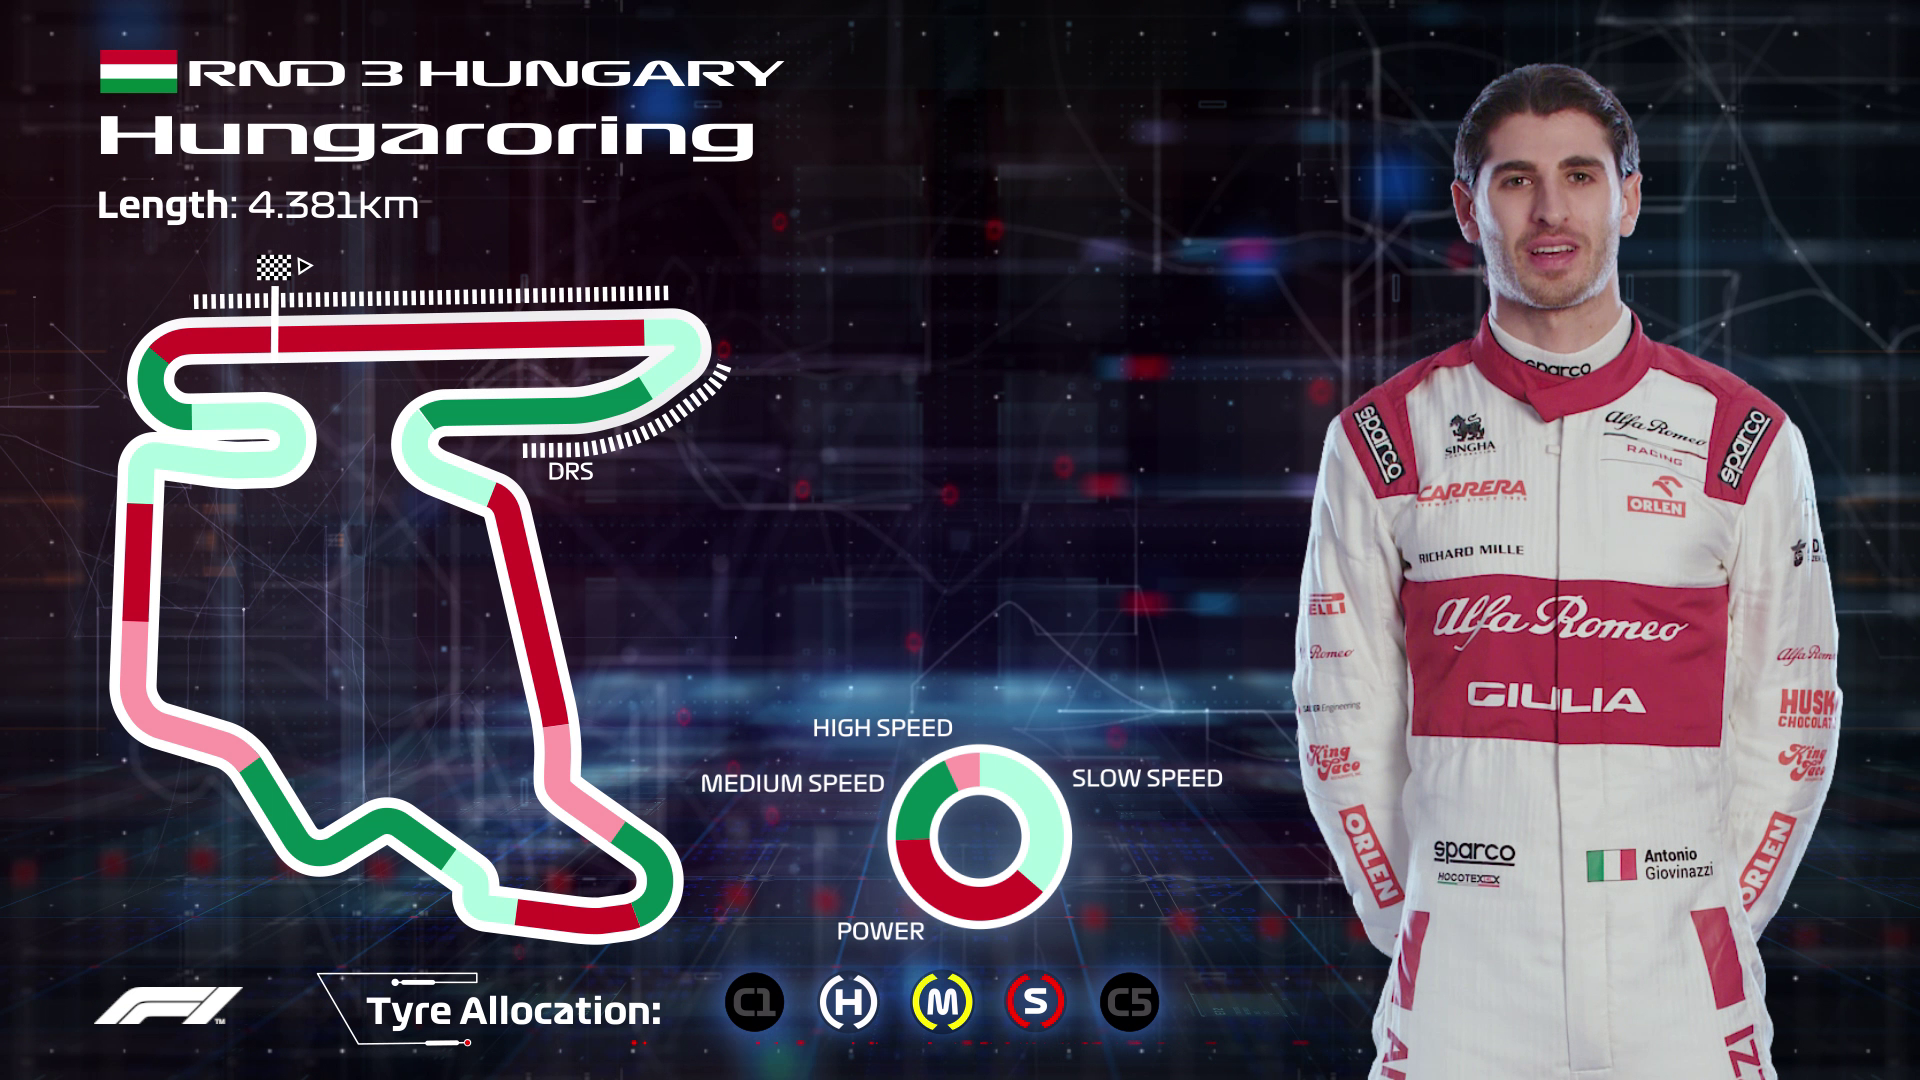 HUNGARY: Antonio Giovinazzi's Hungaroring circuit guide